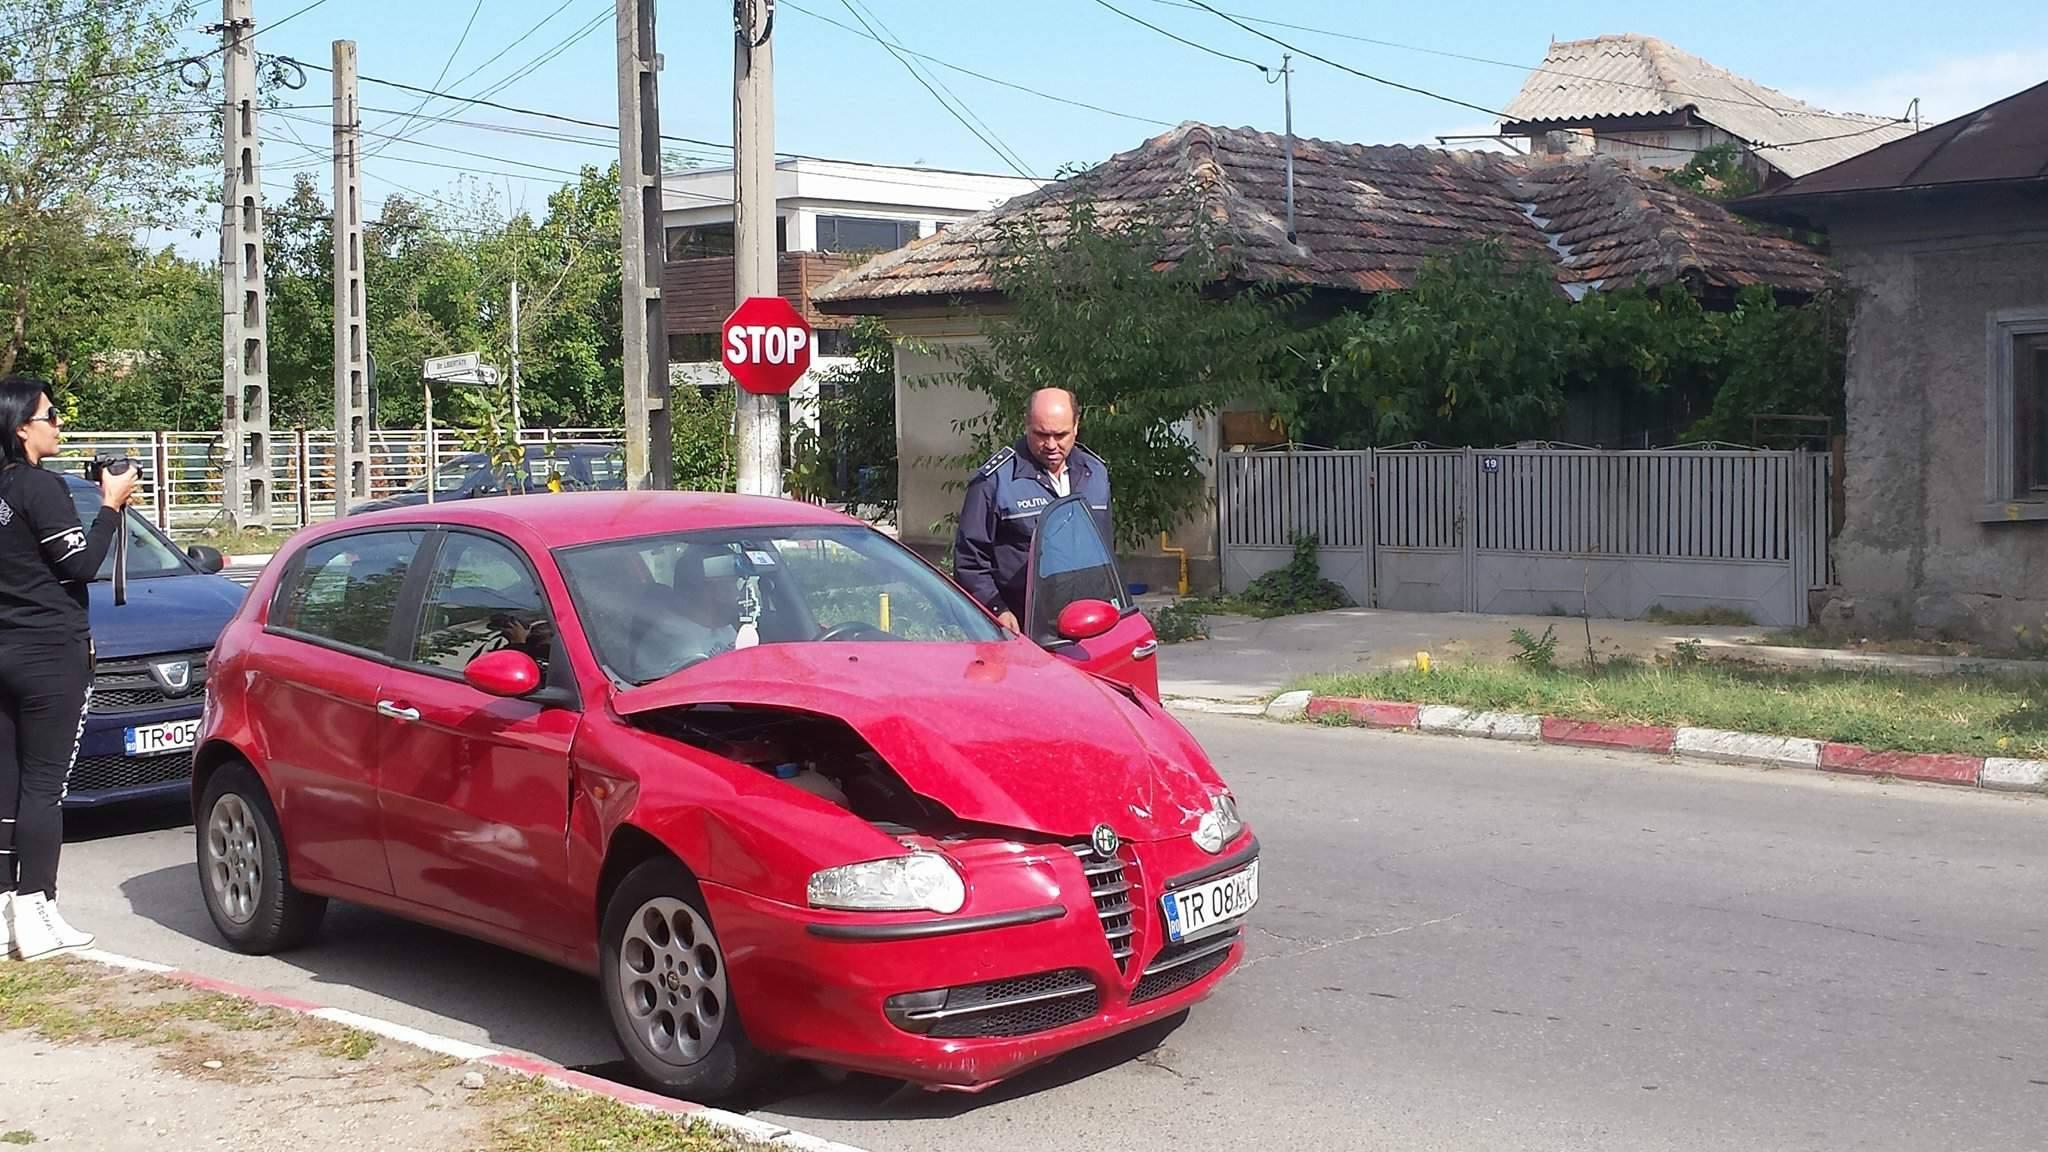 Comisarul Sandu Petre, şeful Poliţiei Rutiere Teleorman, implicat într-un accident de circulaţie